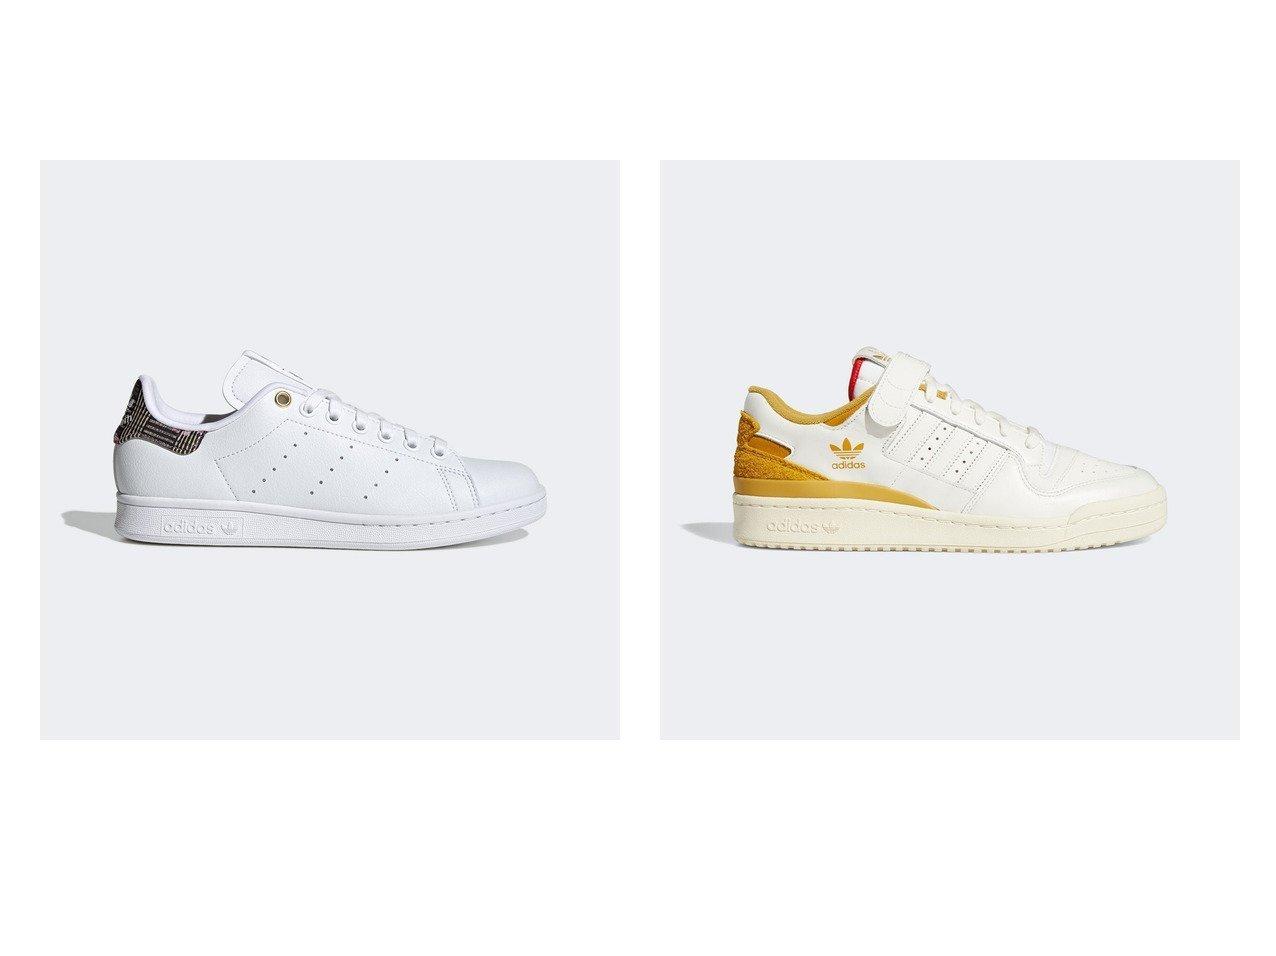 【adidas/アディダス】のフォーラム 84 ロー Forum 84 Low&HER Studio London スタンスミス HER Studio London Stan Smith 【シューズ・靴】おすすめ!人気、トレンド・レディースファッションの通販   おすすめで人気の流行・トレンド、ファッションの通販商品 インテリア・家具・メンズファッション・キッズファッション・レディースファッション・服の通販 founy(ファニー) https://founy.com/ ファッション Fashion レディースファッション WOMEN 2021年 2021 2021-2022秋冬・A/W AW・Autumn/Winter・FW・Fall-Winter・2021-2022 A/W・秋冬 AW・Autumn/Winter・FW・Fall-Winter クラシック コラボ シューズ スタイリッシュ プリント 定番 Standard スニーカー 人気 |ID:crp329100000058842